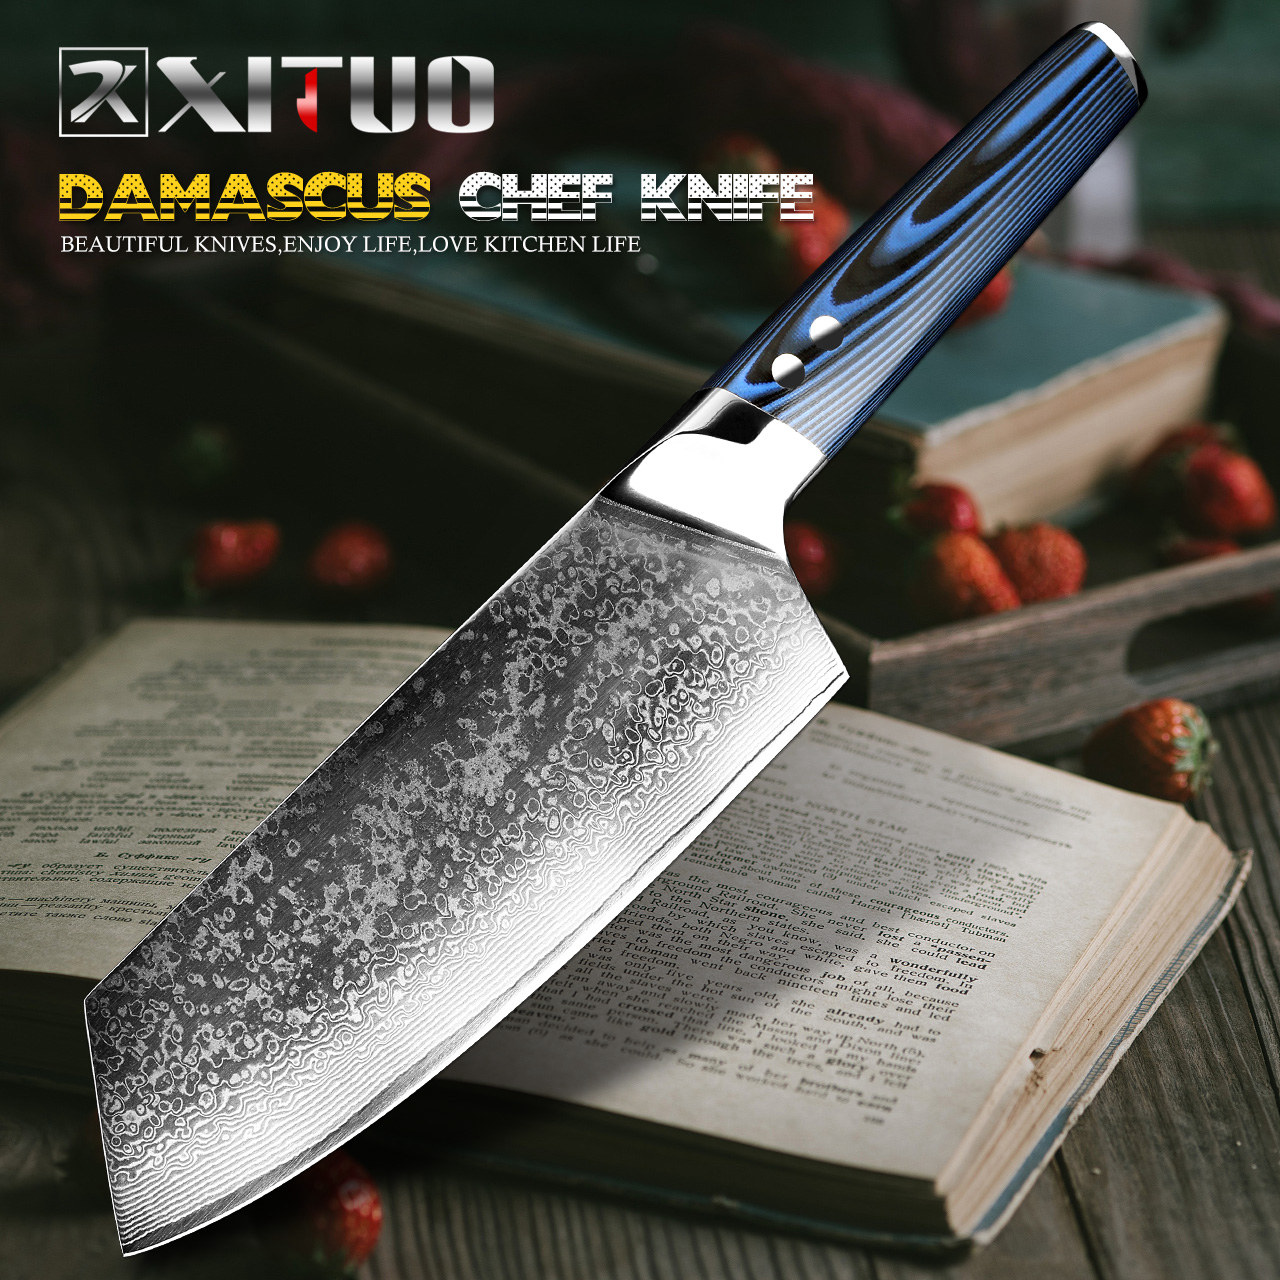 XITUO Chef cuchillo japonés Damasco cuchillo de cocina Damasco VG10 67 capa cuchillo de acero inoxidable Ultra agudo azul G10 manejar-in Cuchillos de cocina from Hogar y Mascotas    1